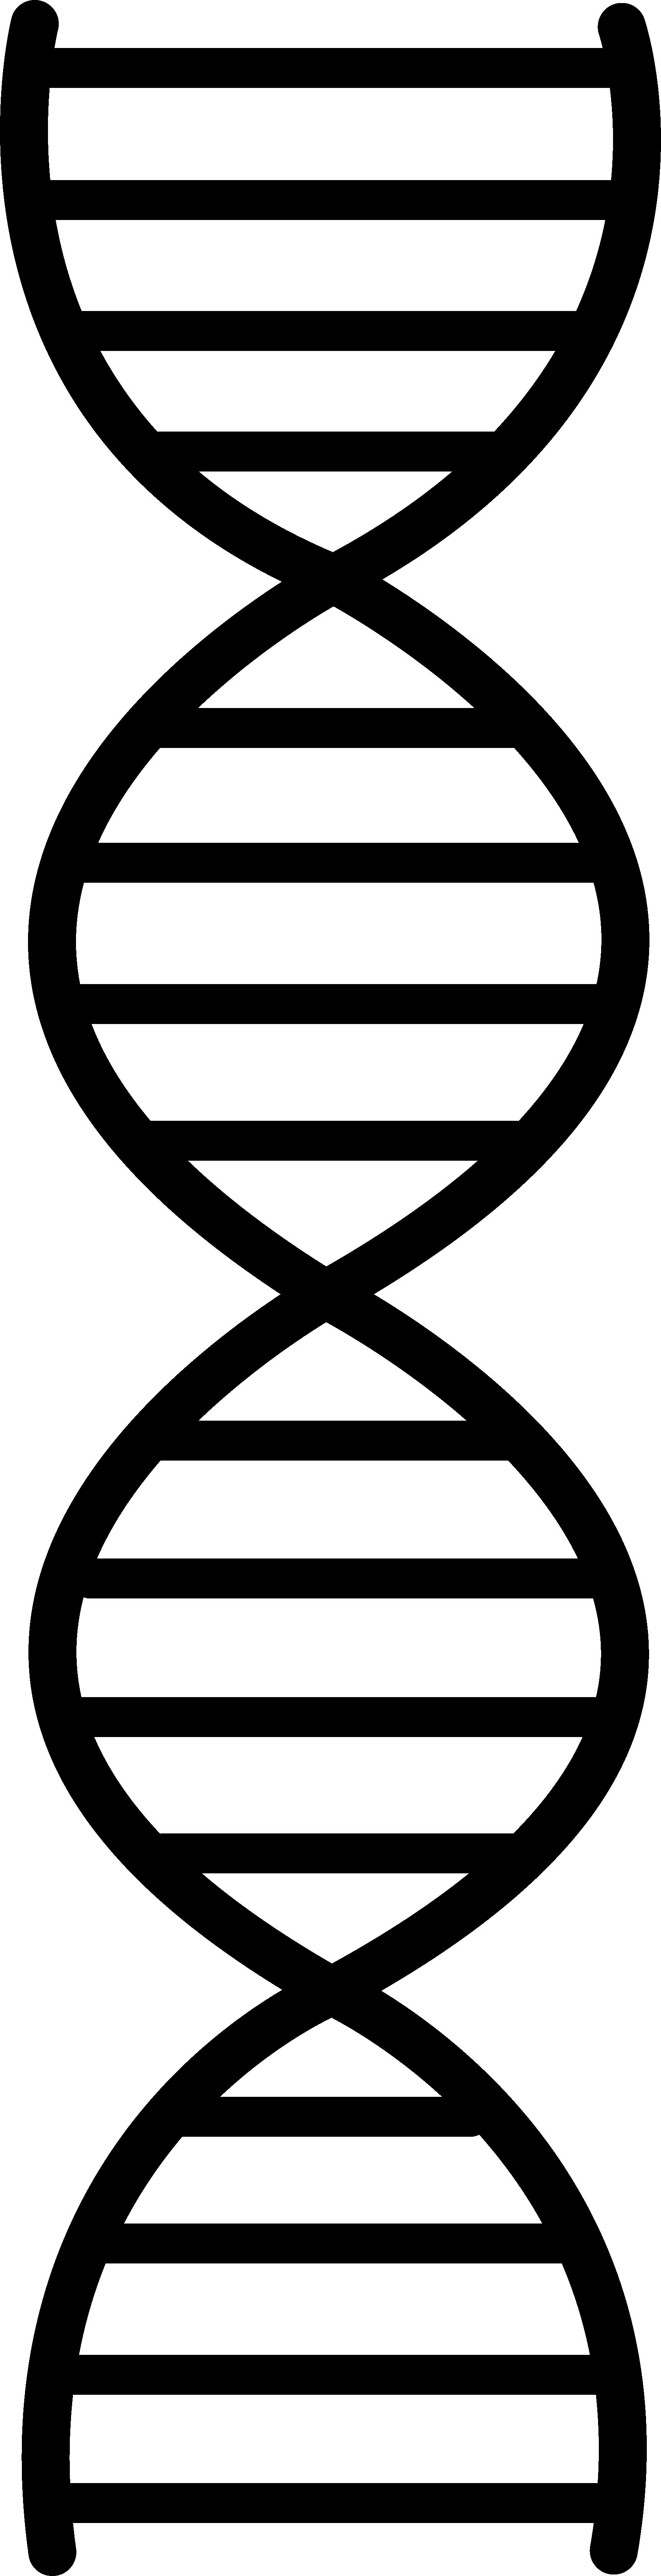 Dna Symbol Clipart - Dna Clipart